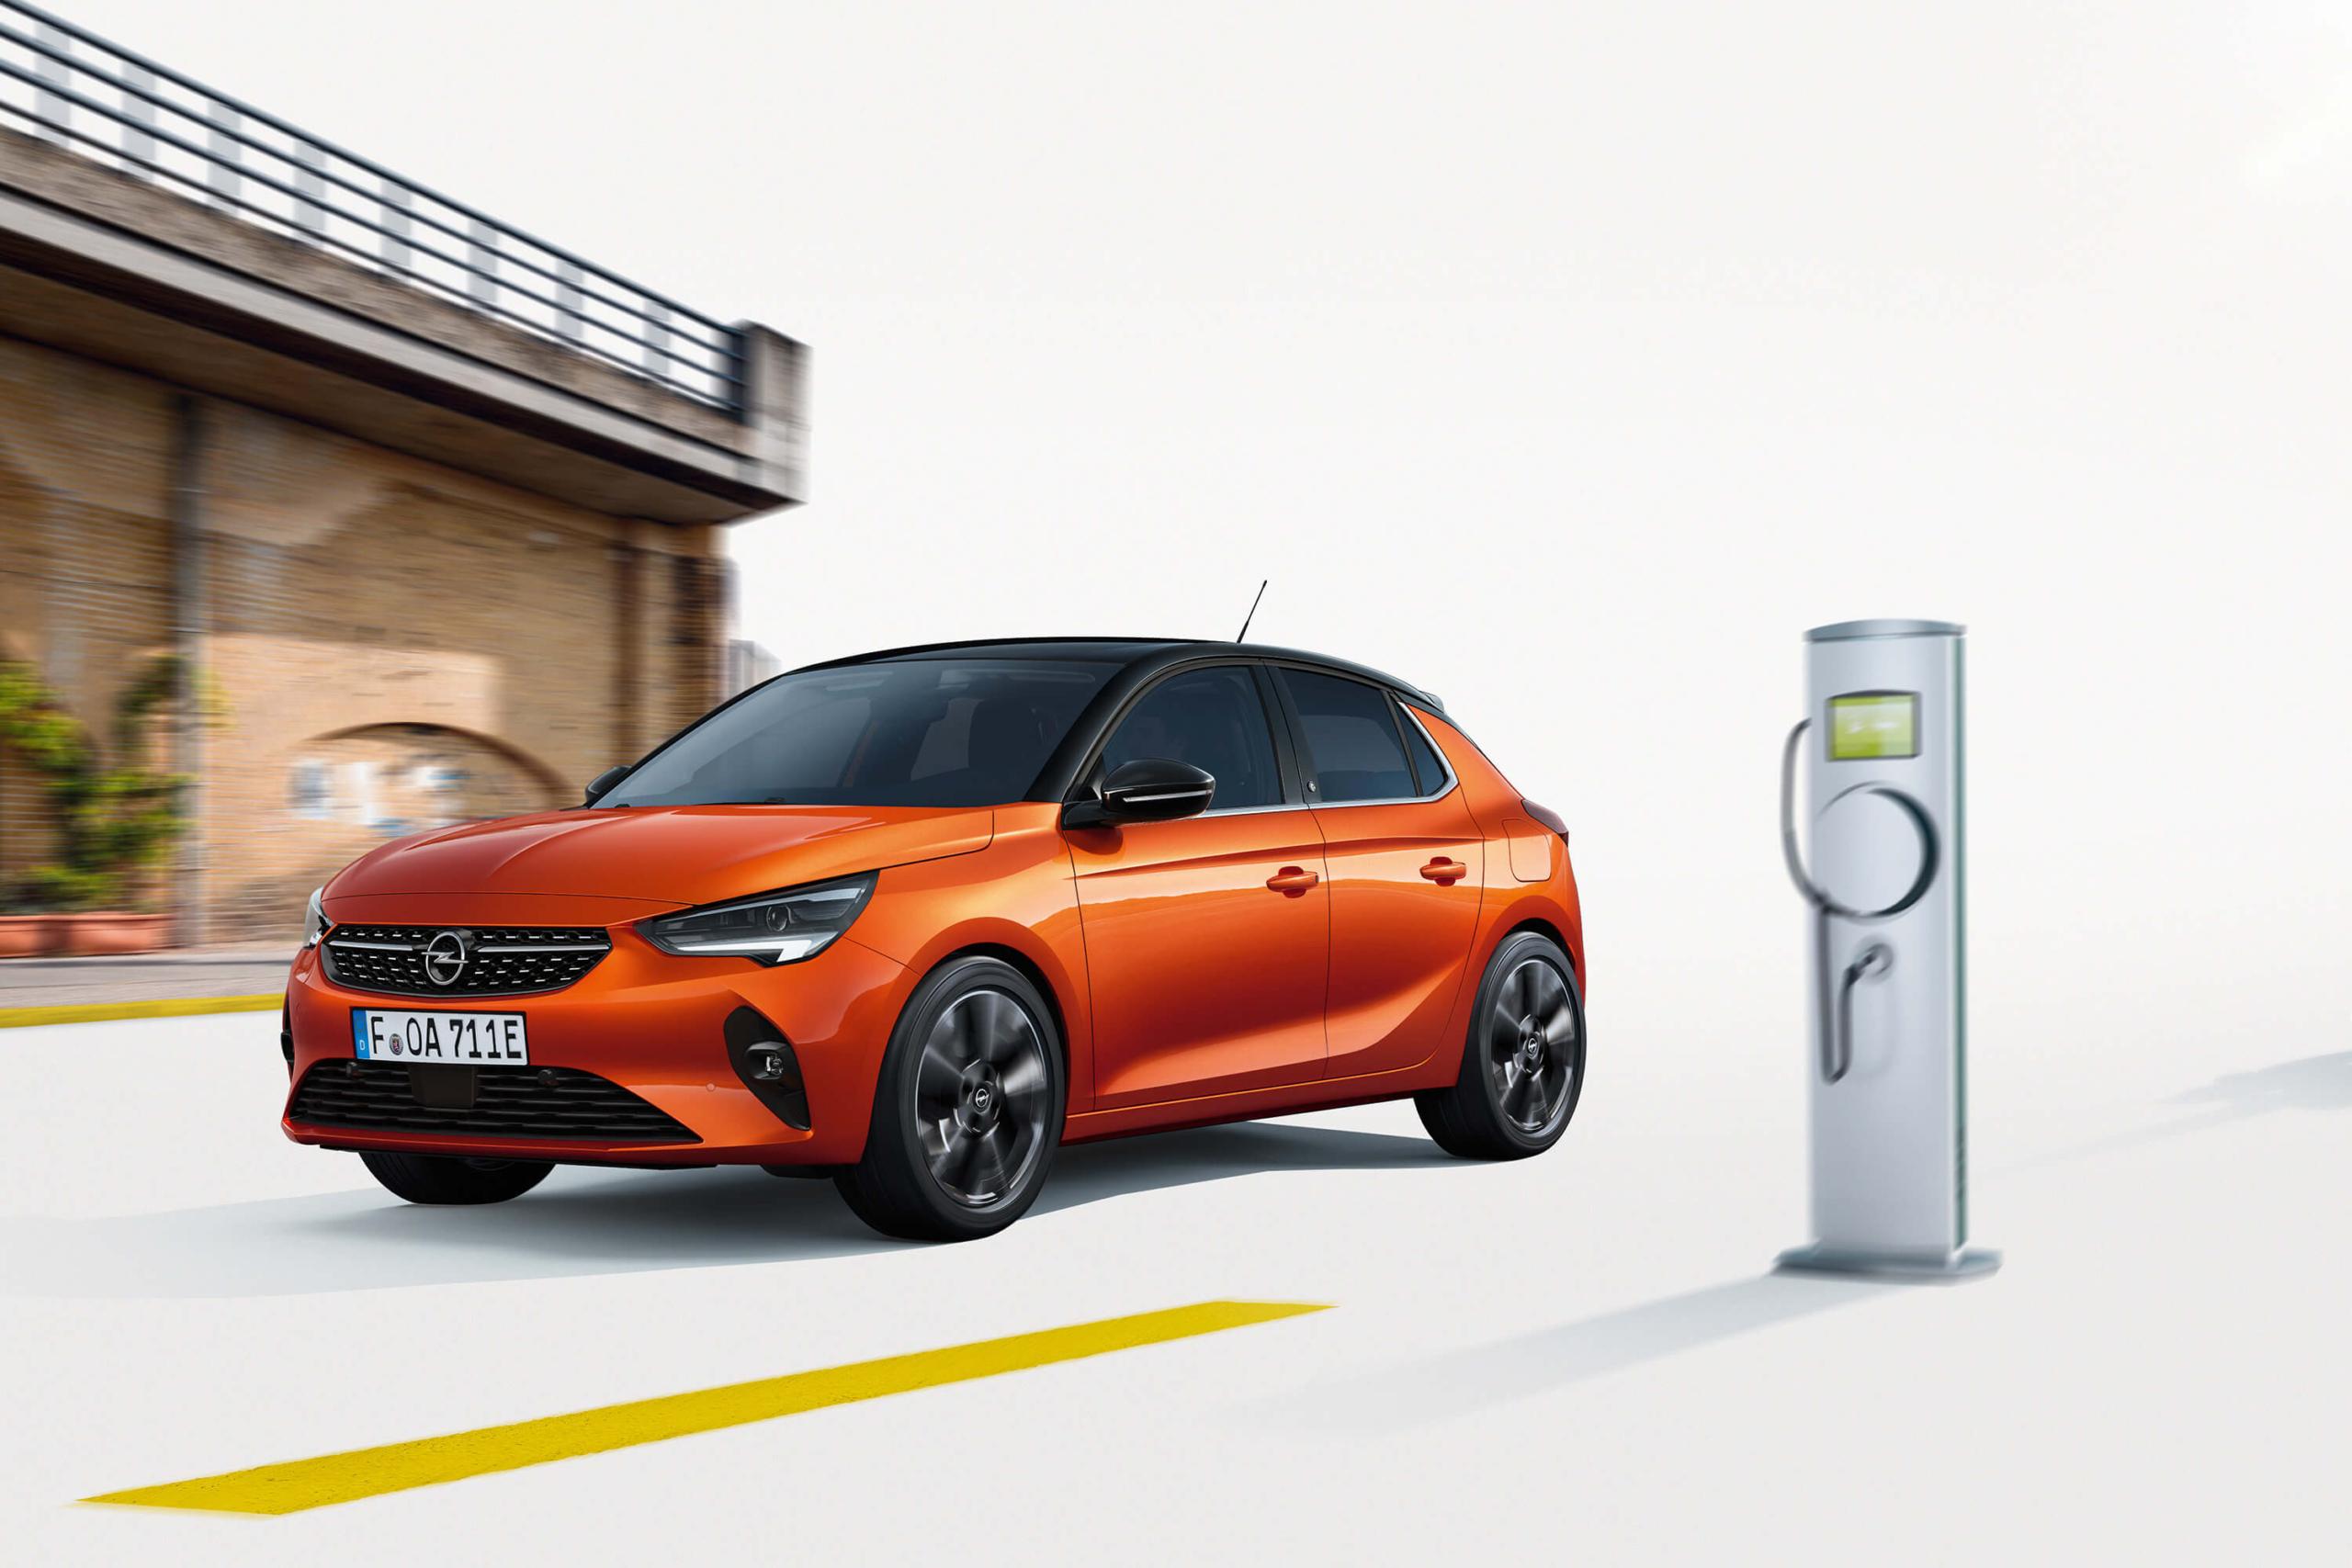 Opel Corsa Elektro mit Ladesäule